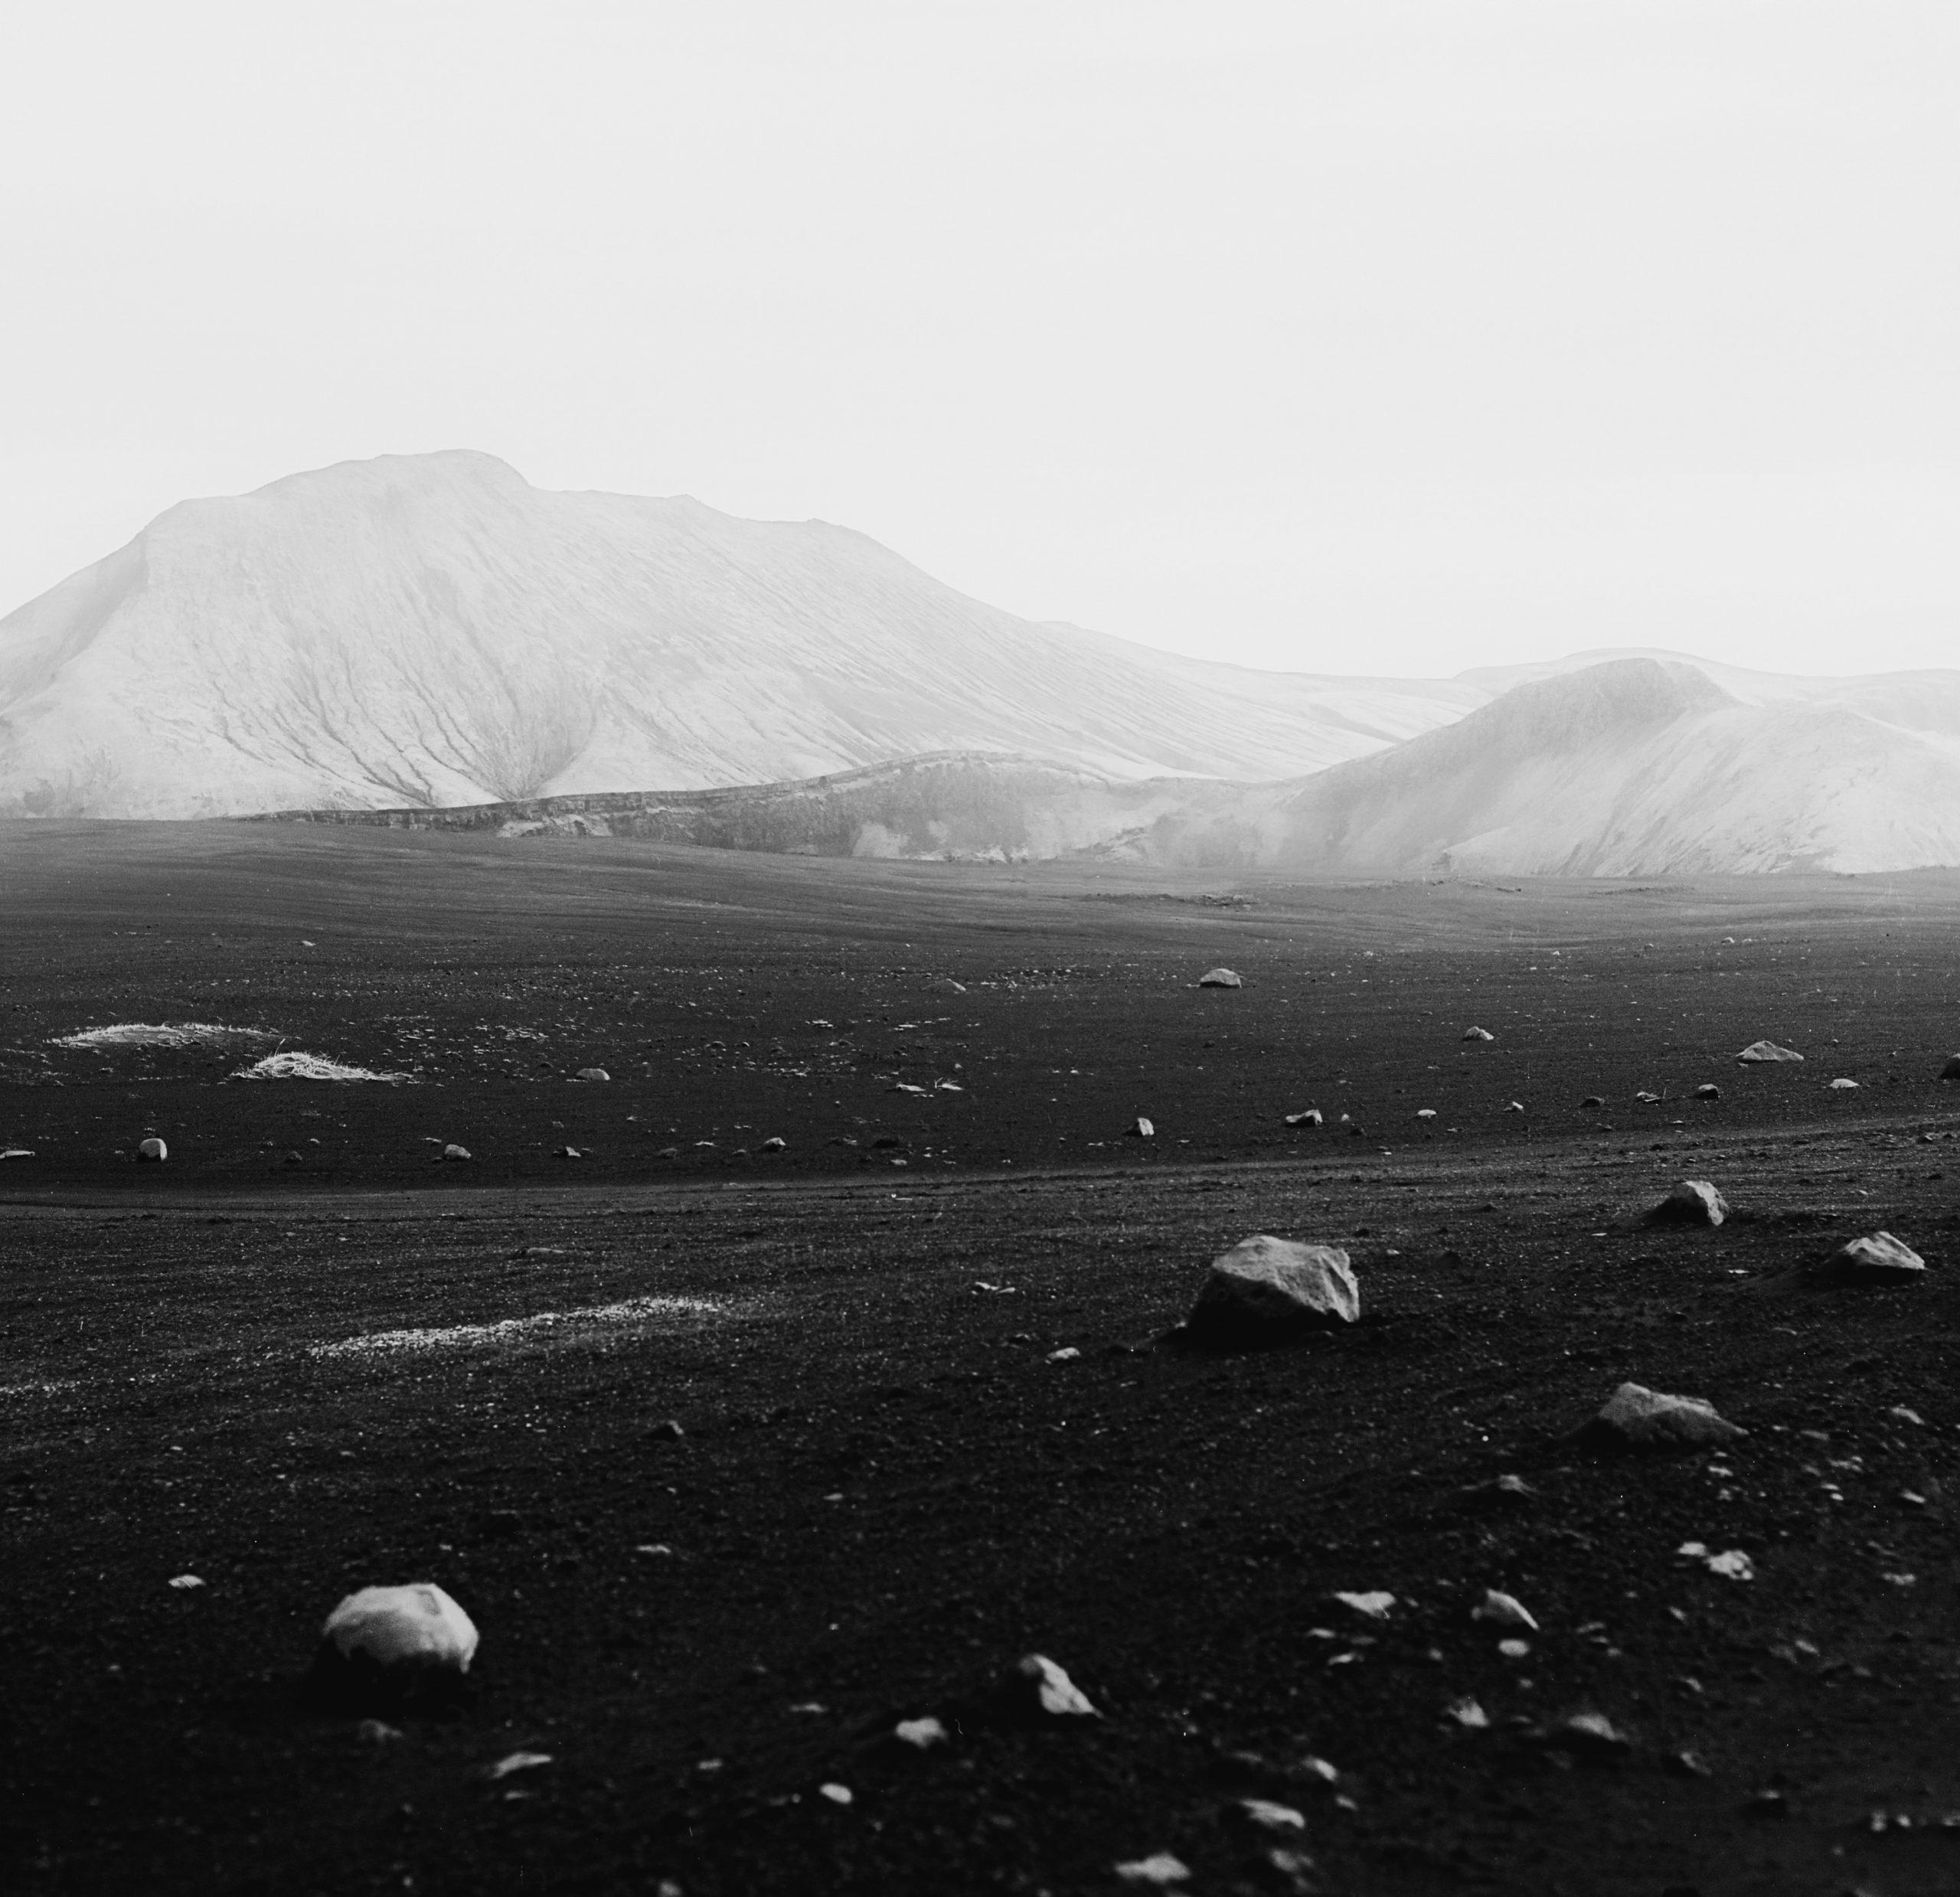 Black & white fotografia, paesaggio, medio formato, Islanda